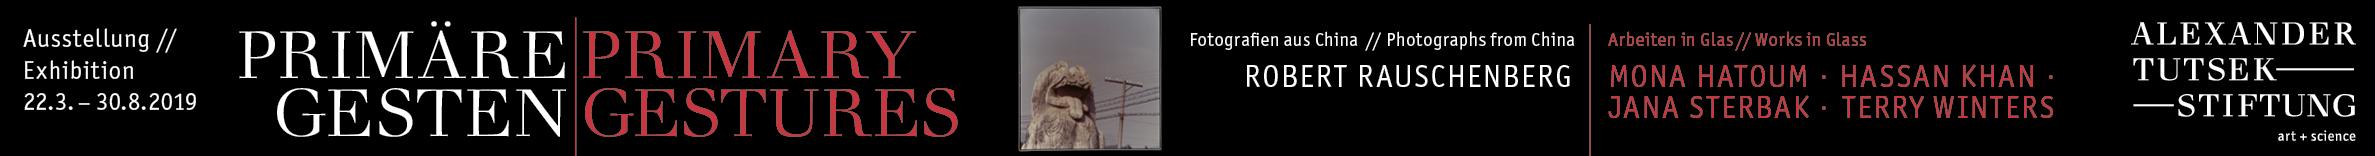 190410_Photonews_1140x75pixel_online_PrimaereGesten_RZ_sw